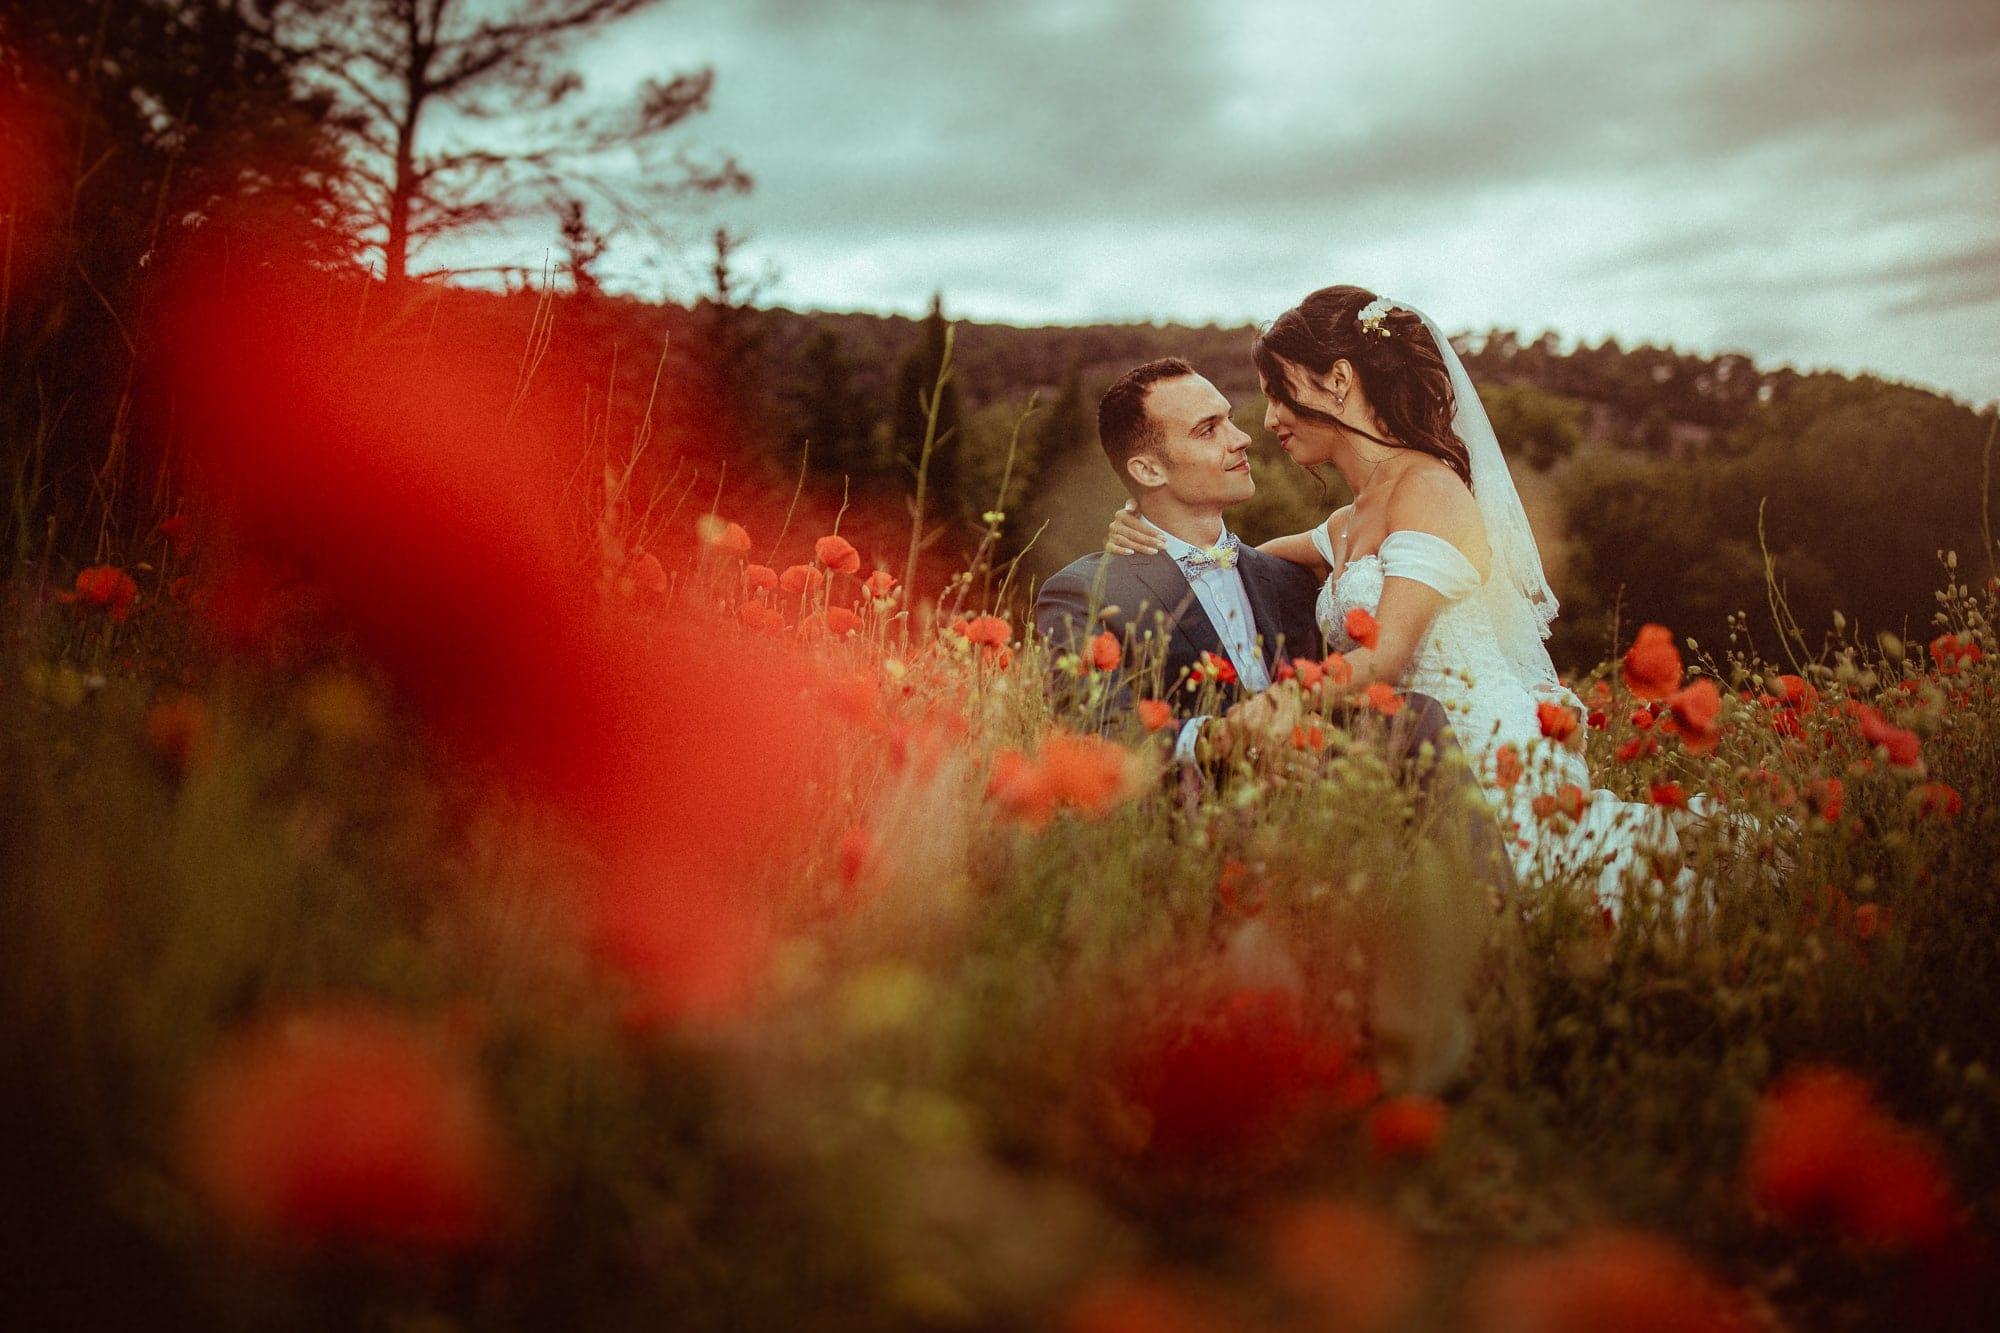 photographie de mariage reims grand est